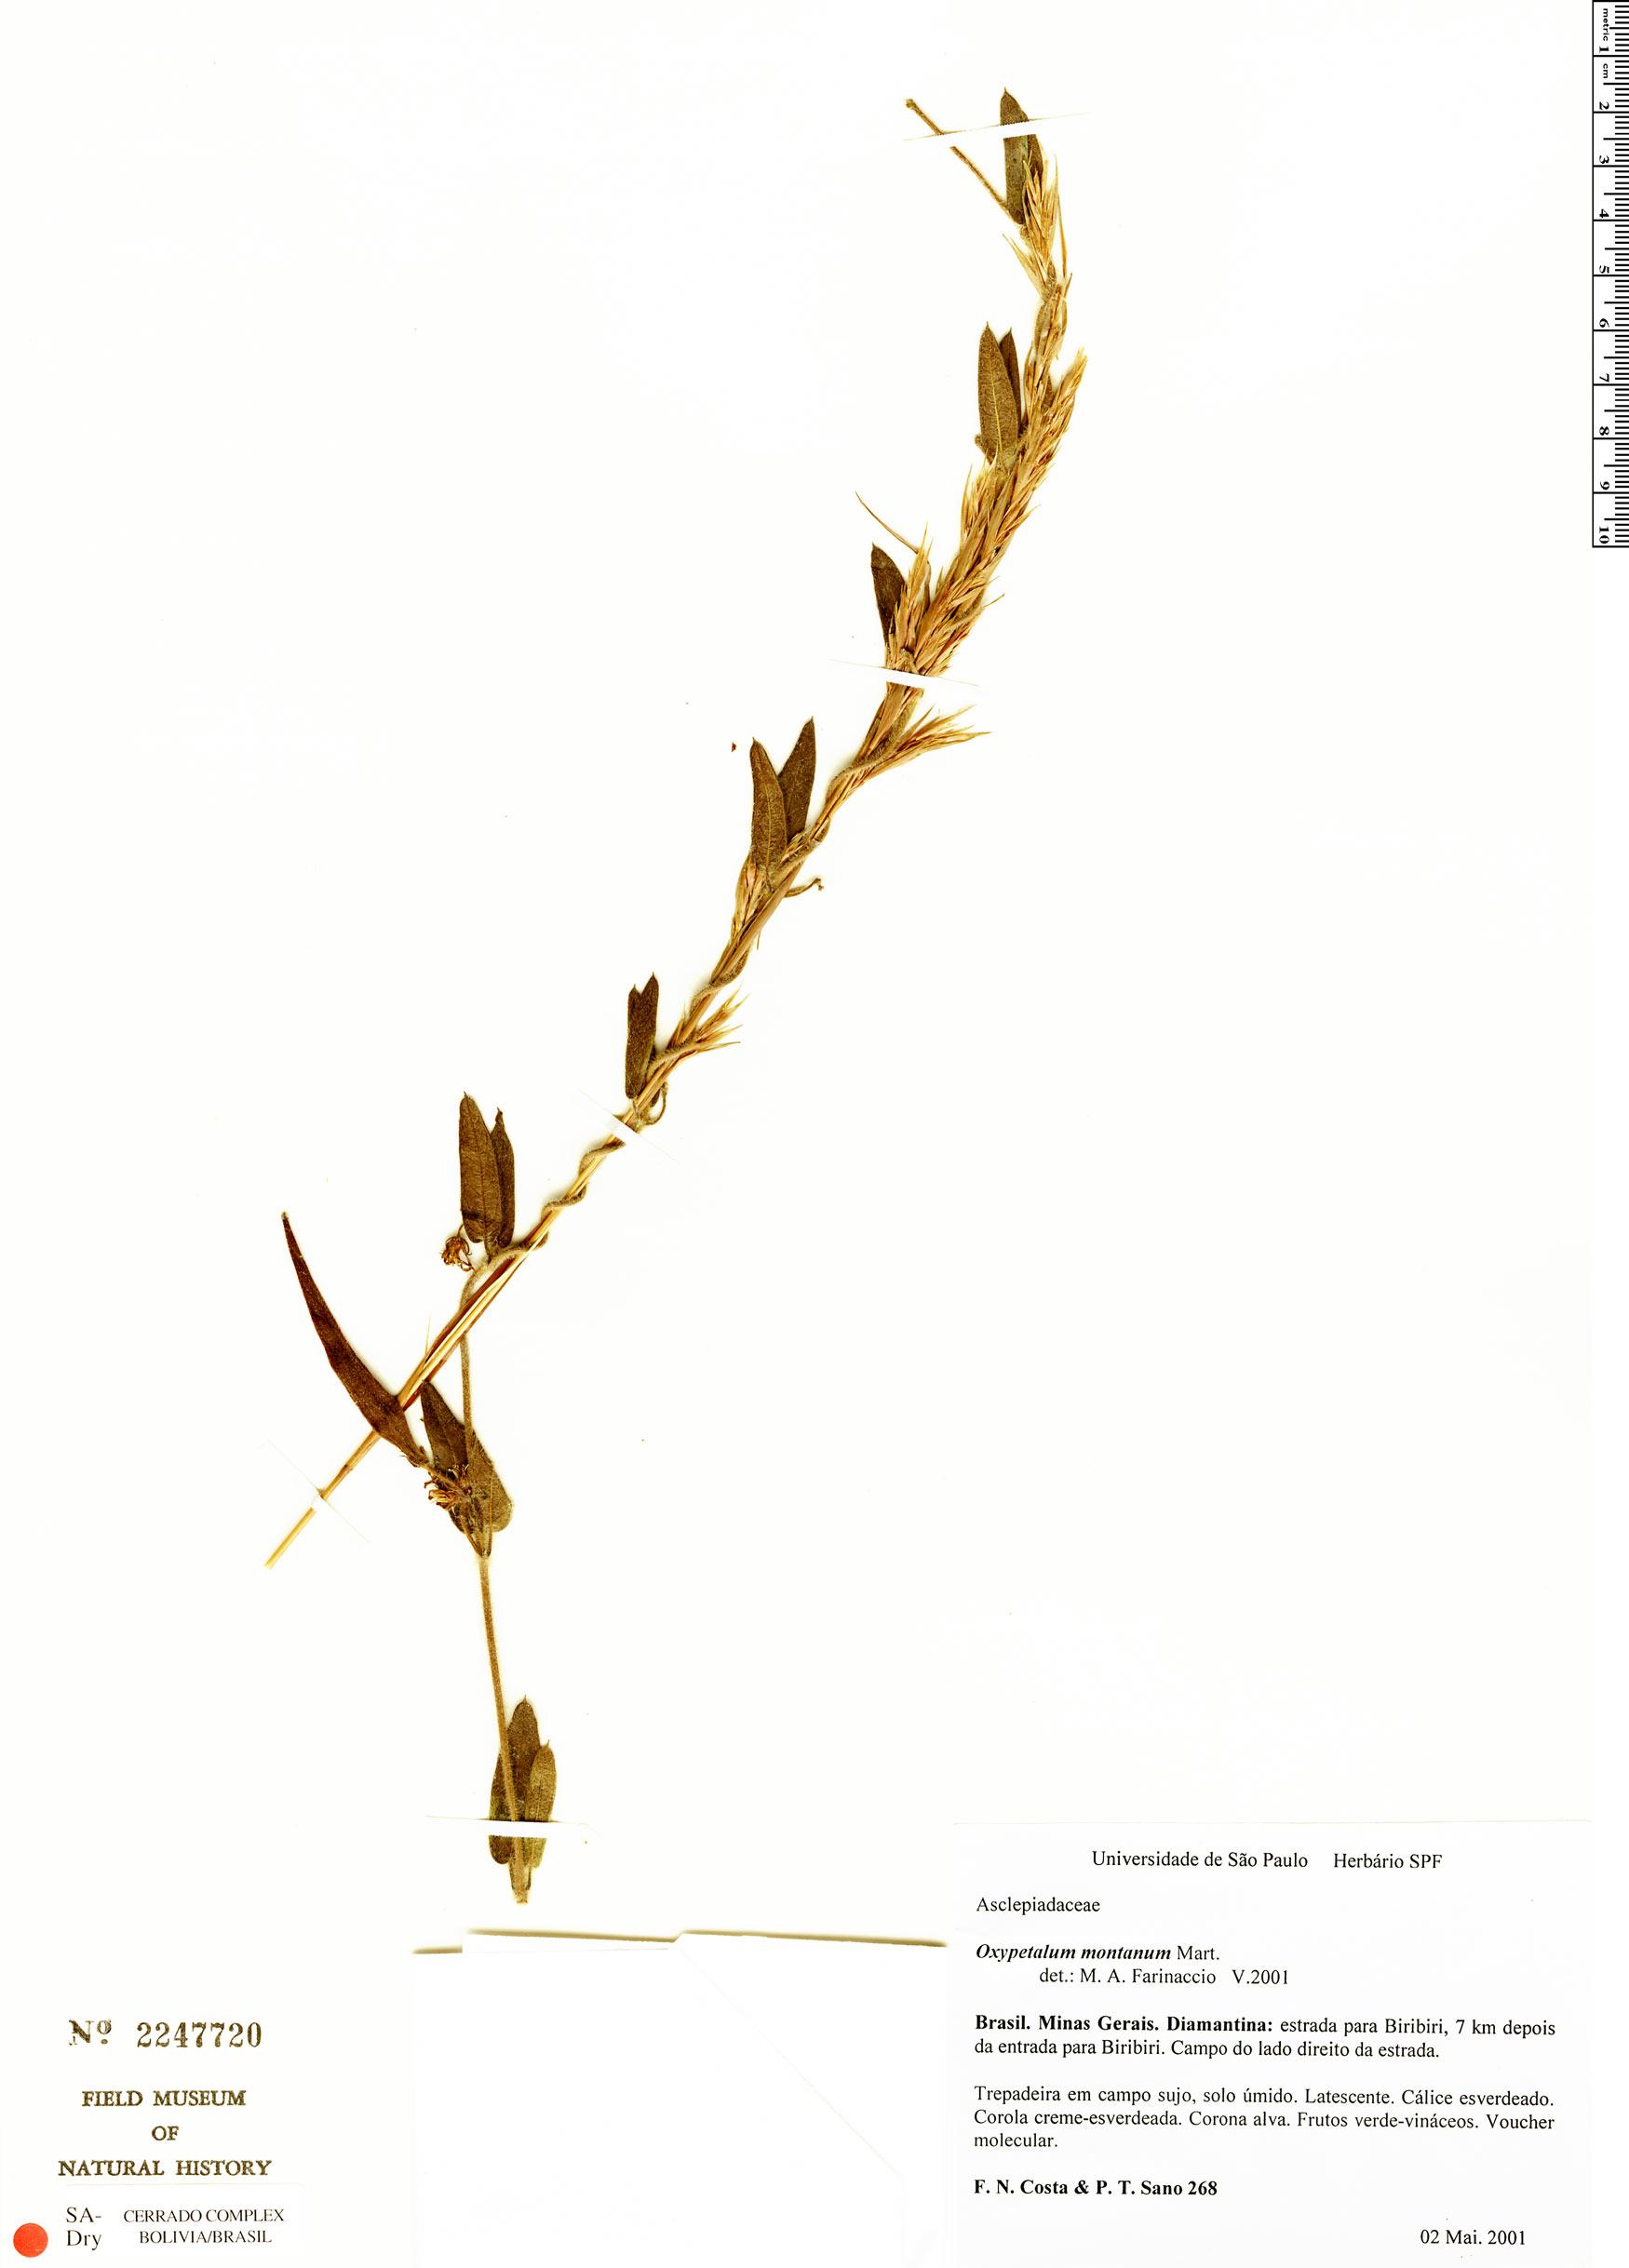 Specimen: Oxypetalum montanum